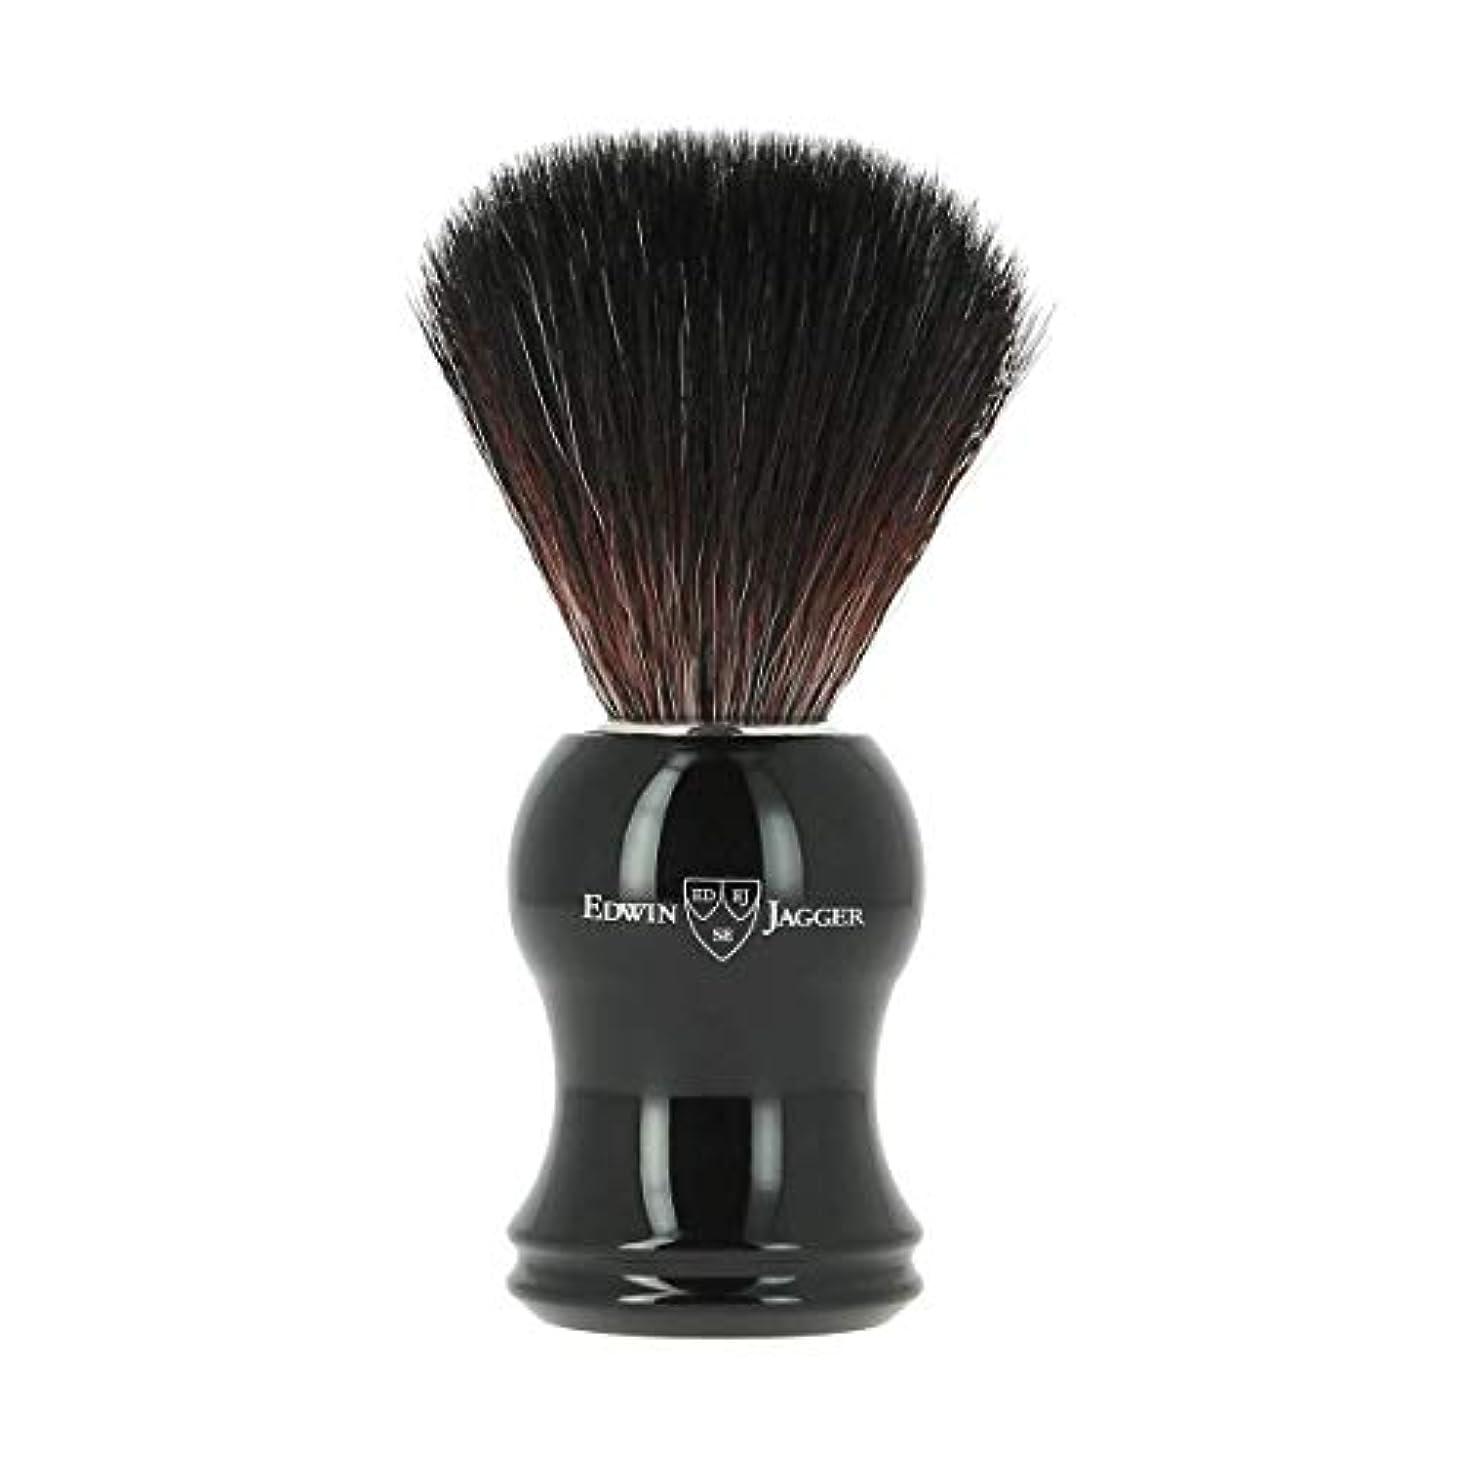 陪審安全でないニュースエドウィンジャガー エボニー 合成 シェービングブラシ21P36[海外直送品]Edwin Jagger Ebony Synthetic Shaving Brush 21P36 [並行輸入品]